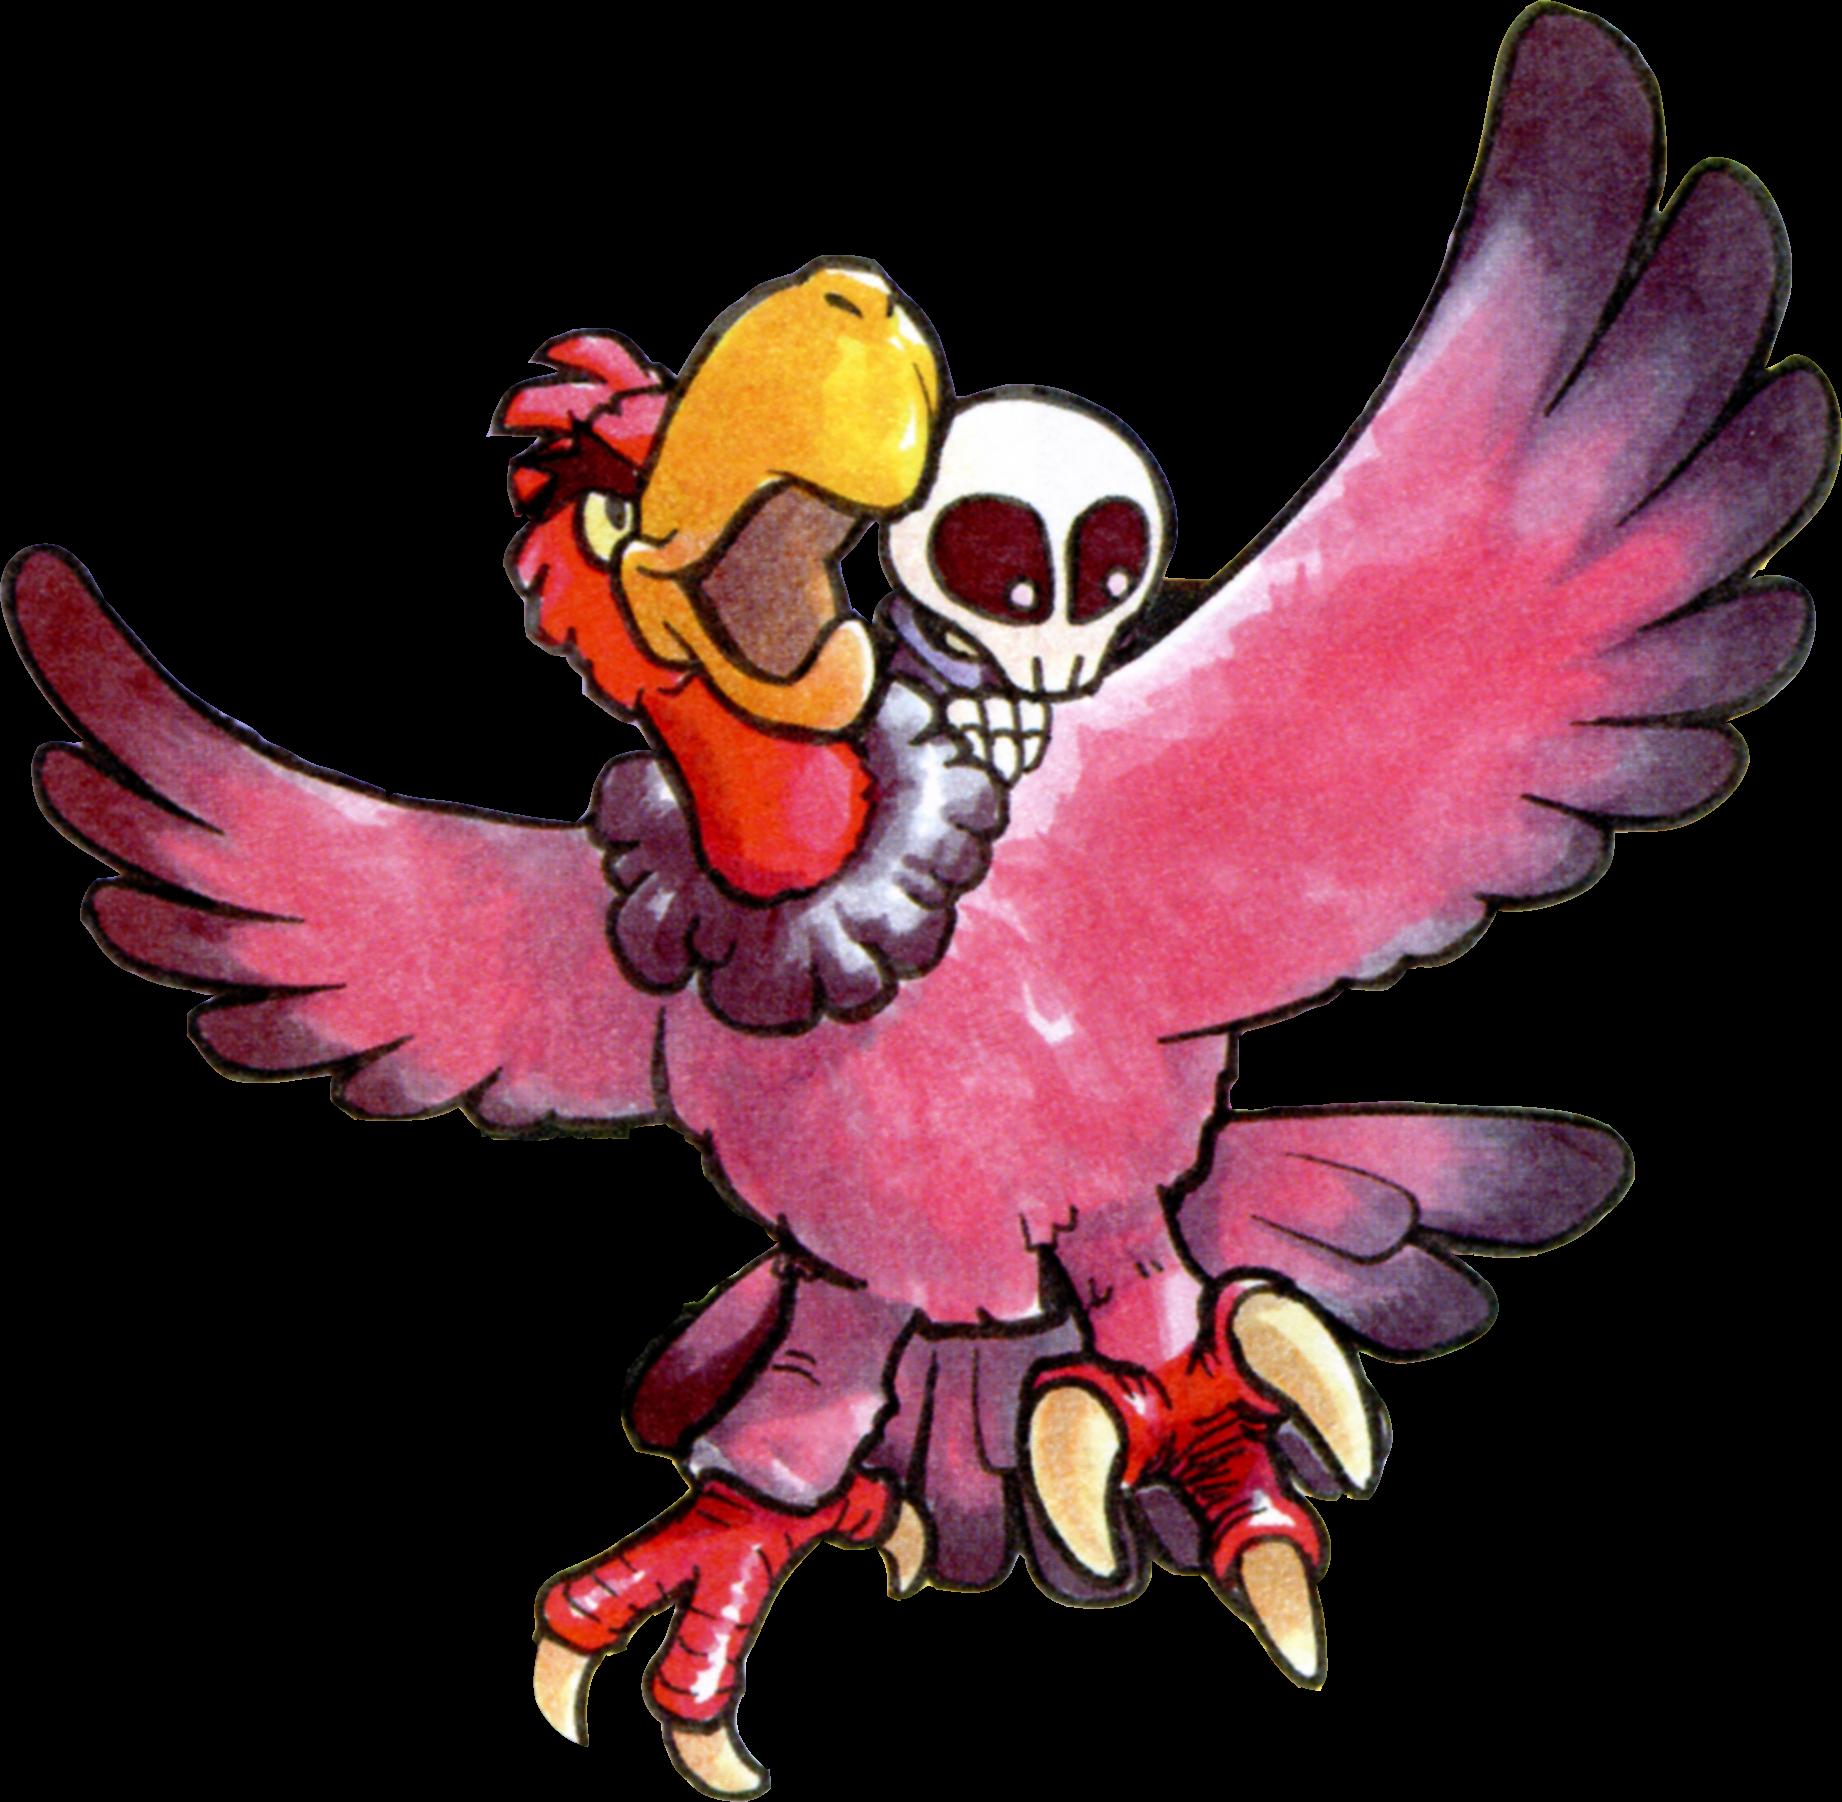 Vulturos